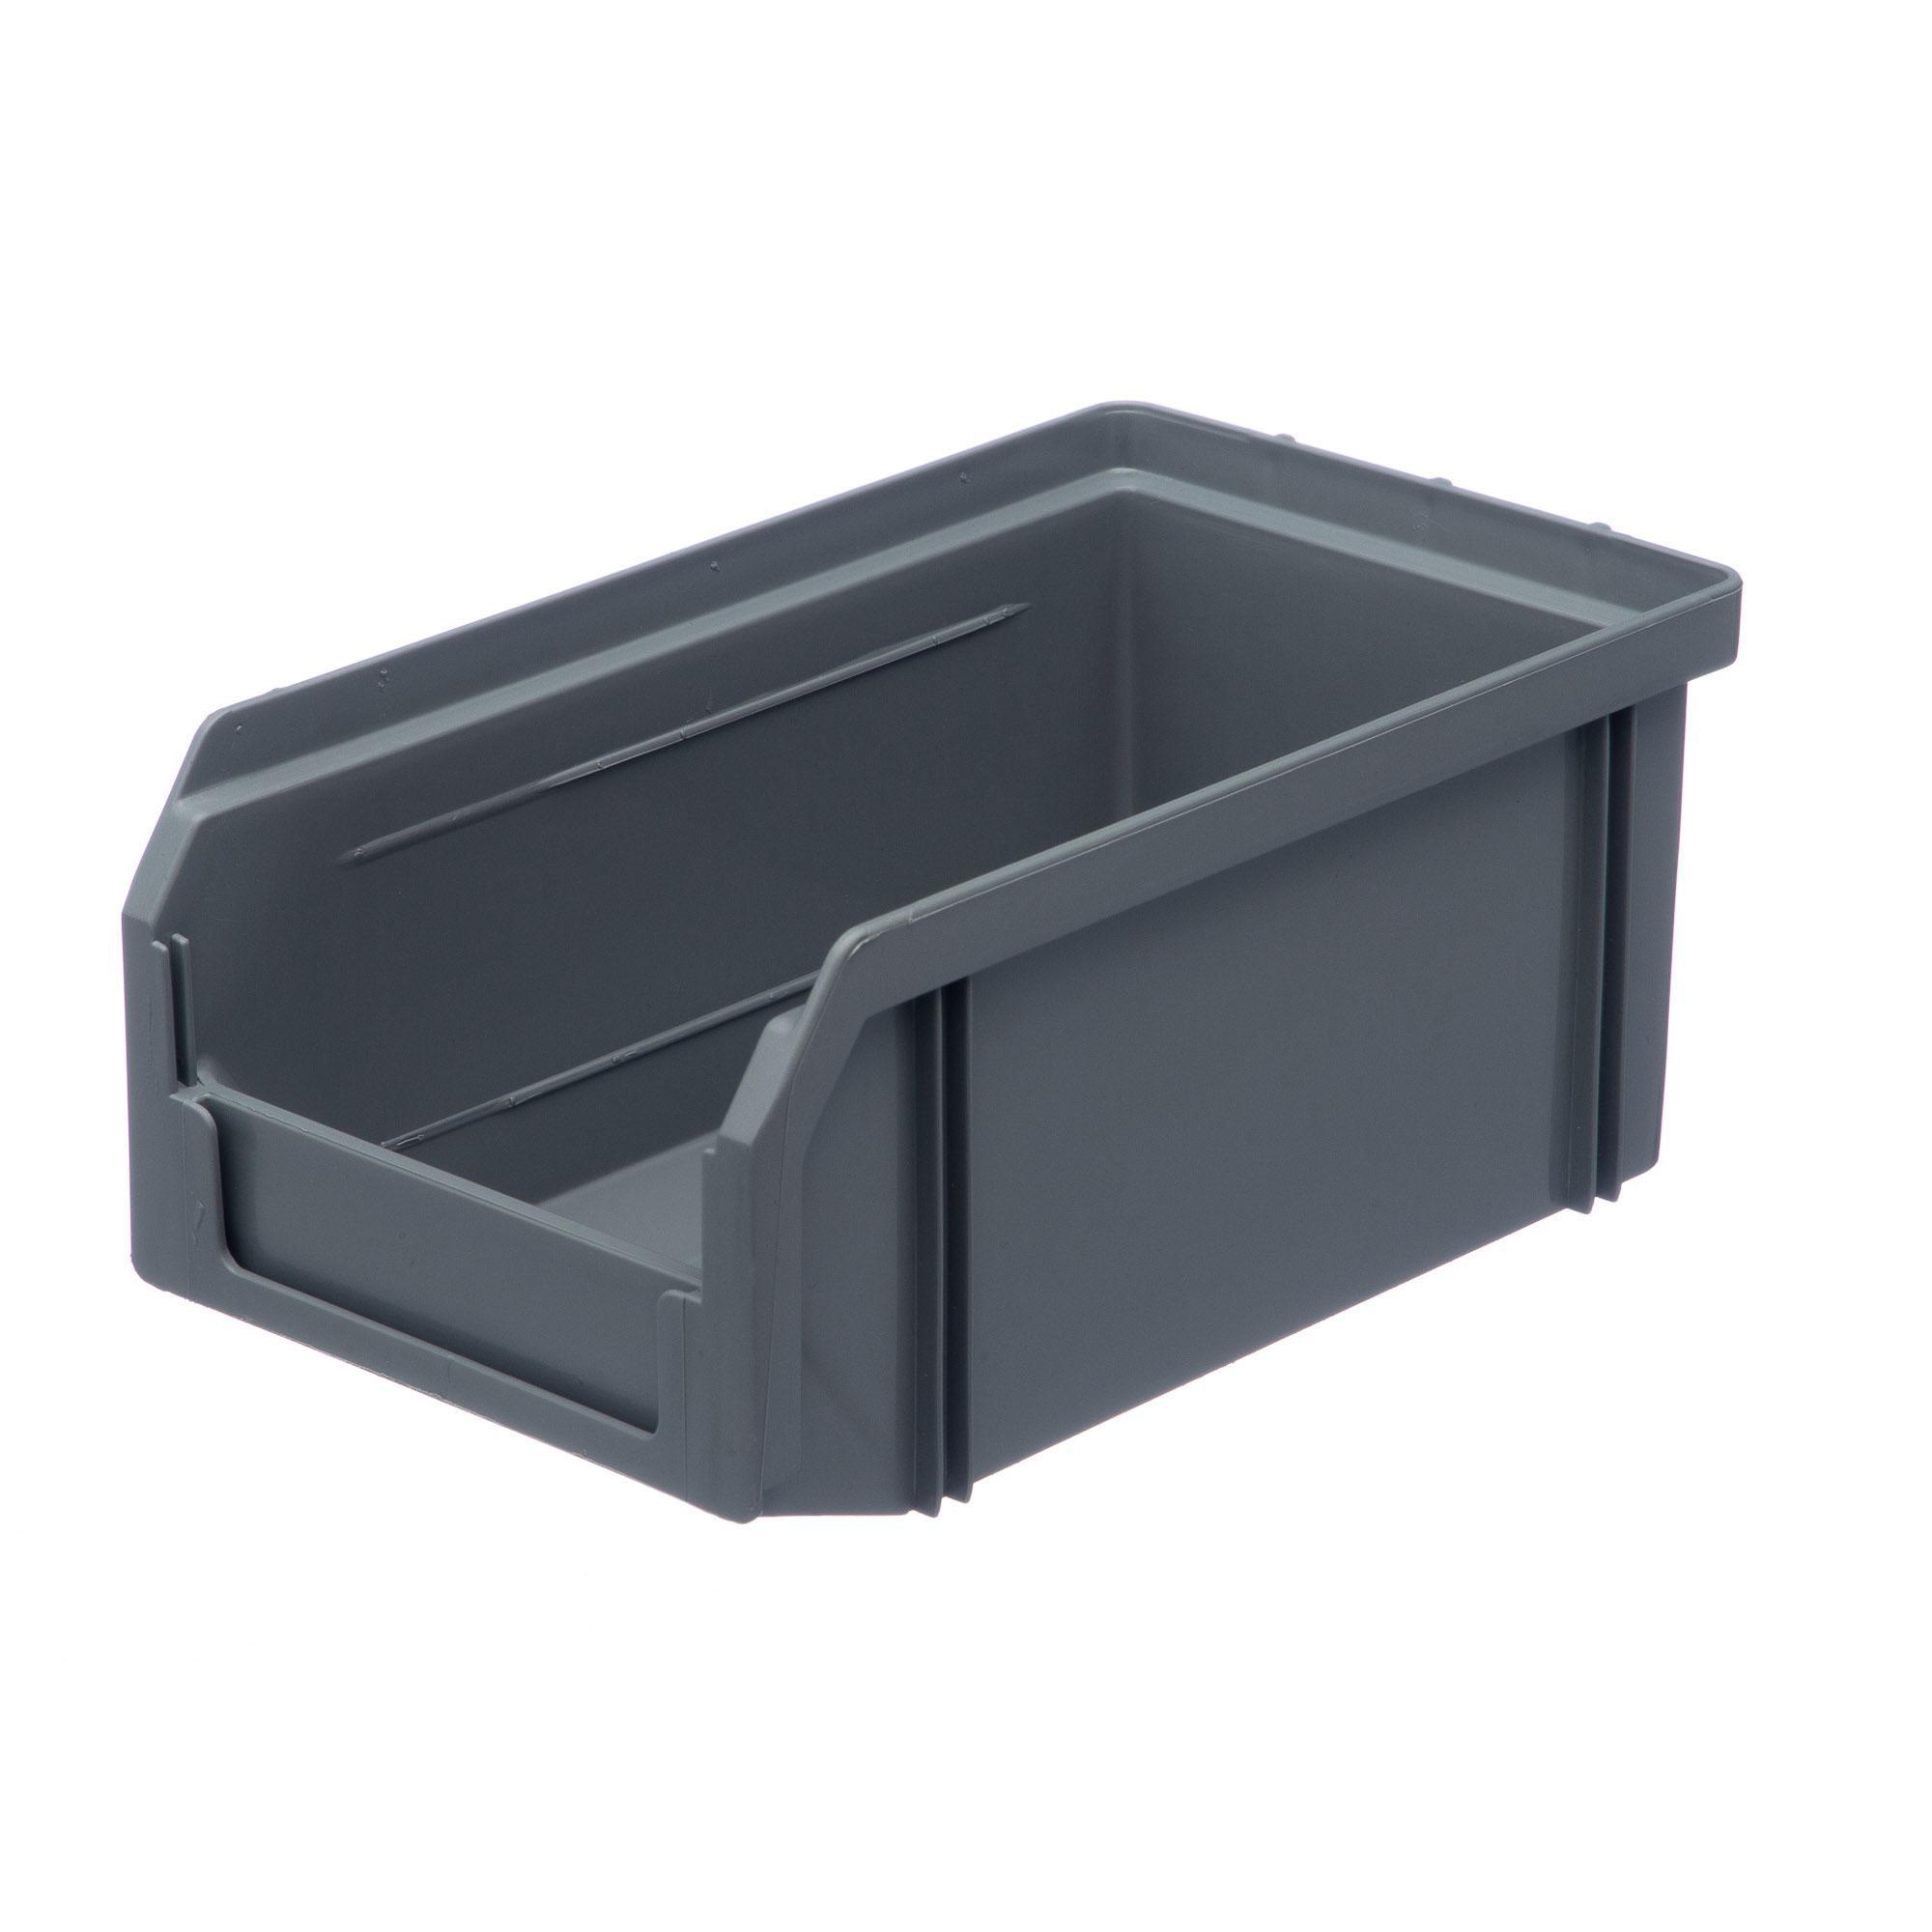 Ящик СТЕЛЛА V-1 серый от 220 Вольт